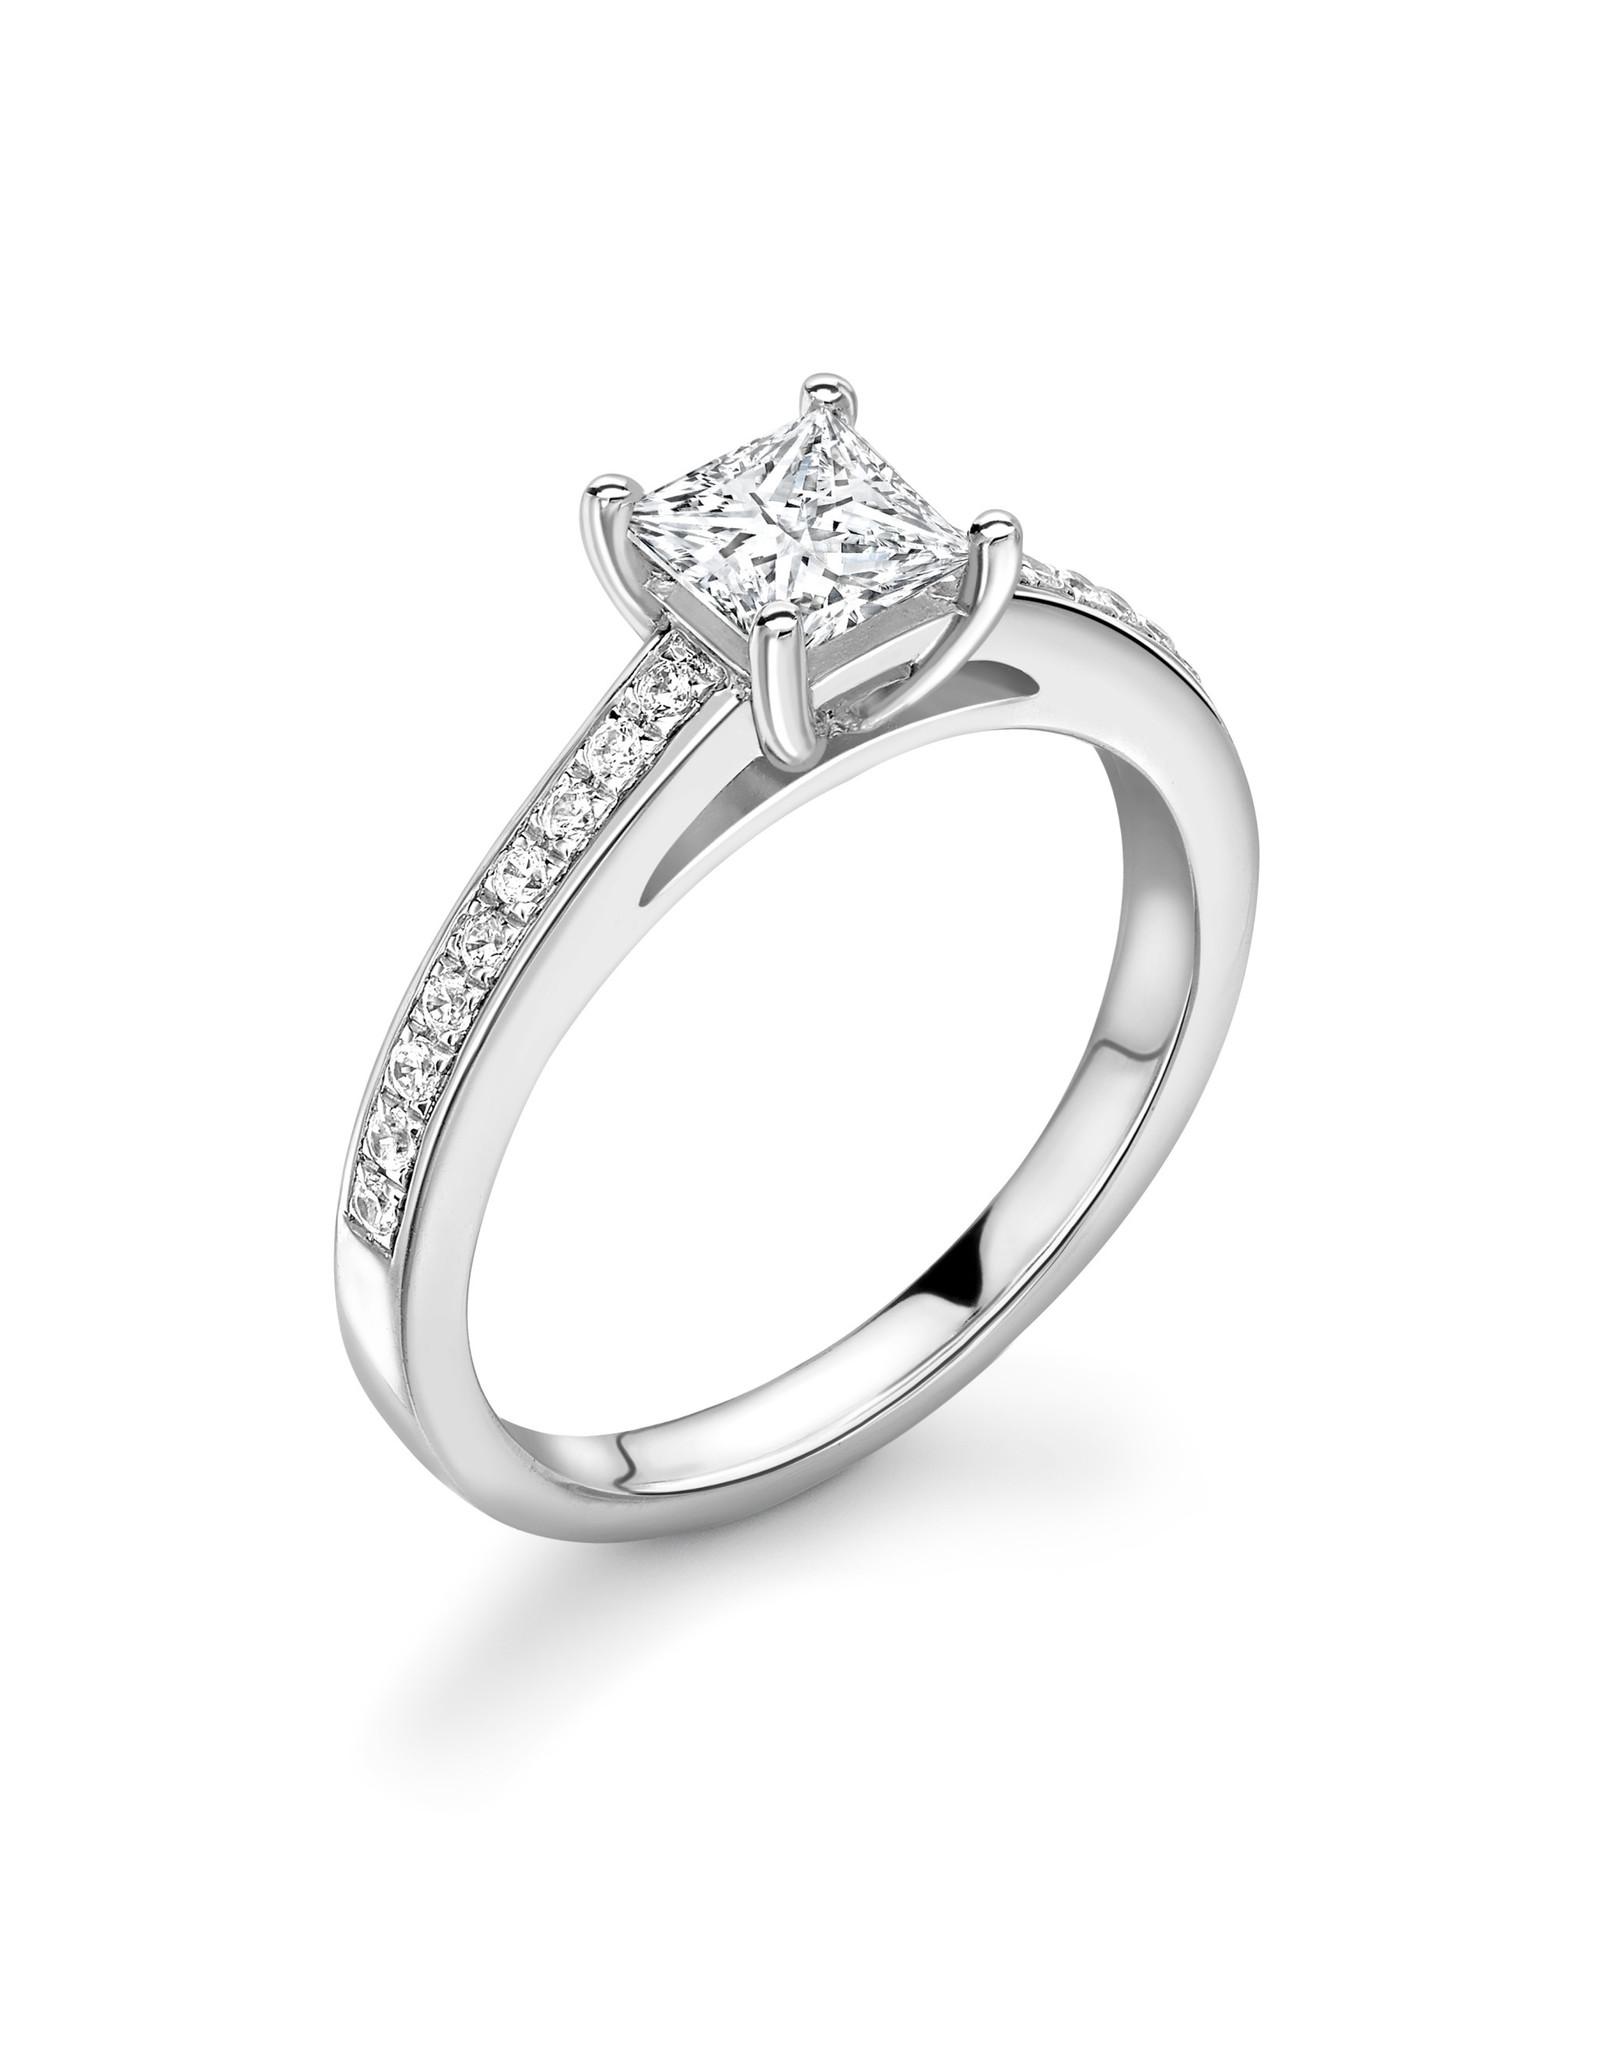 LVN Princesse Verlovingsring Met Zijsteentjes LVNRX4241s